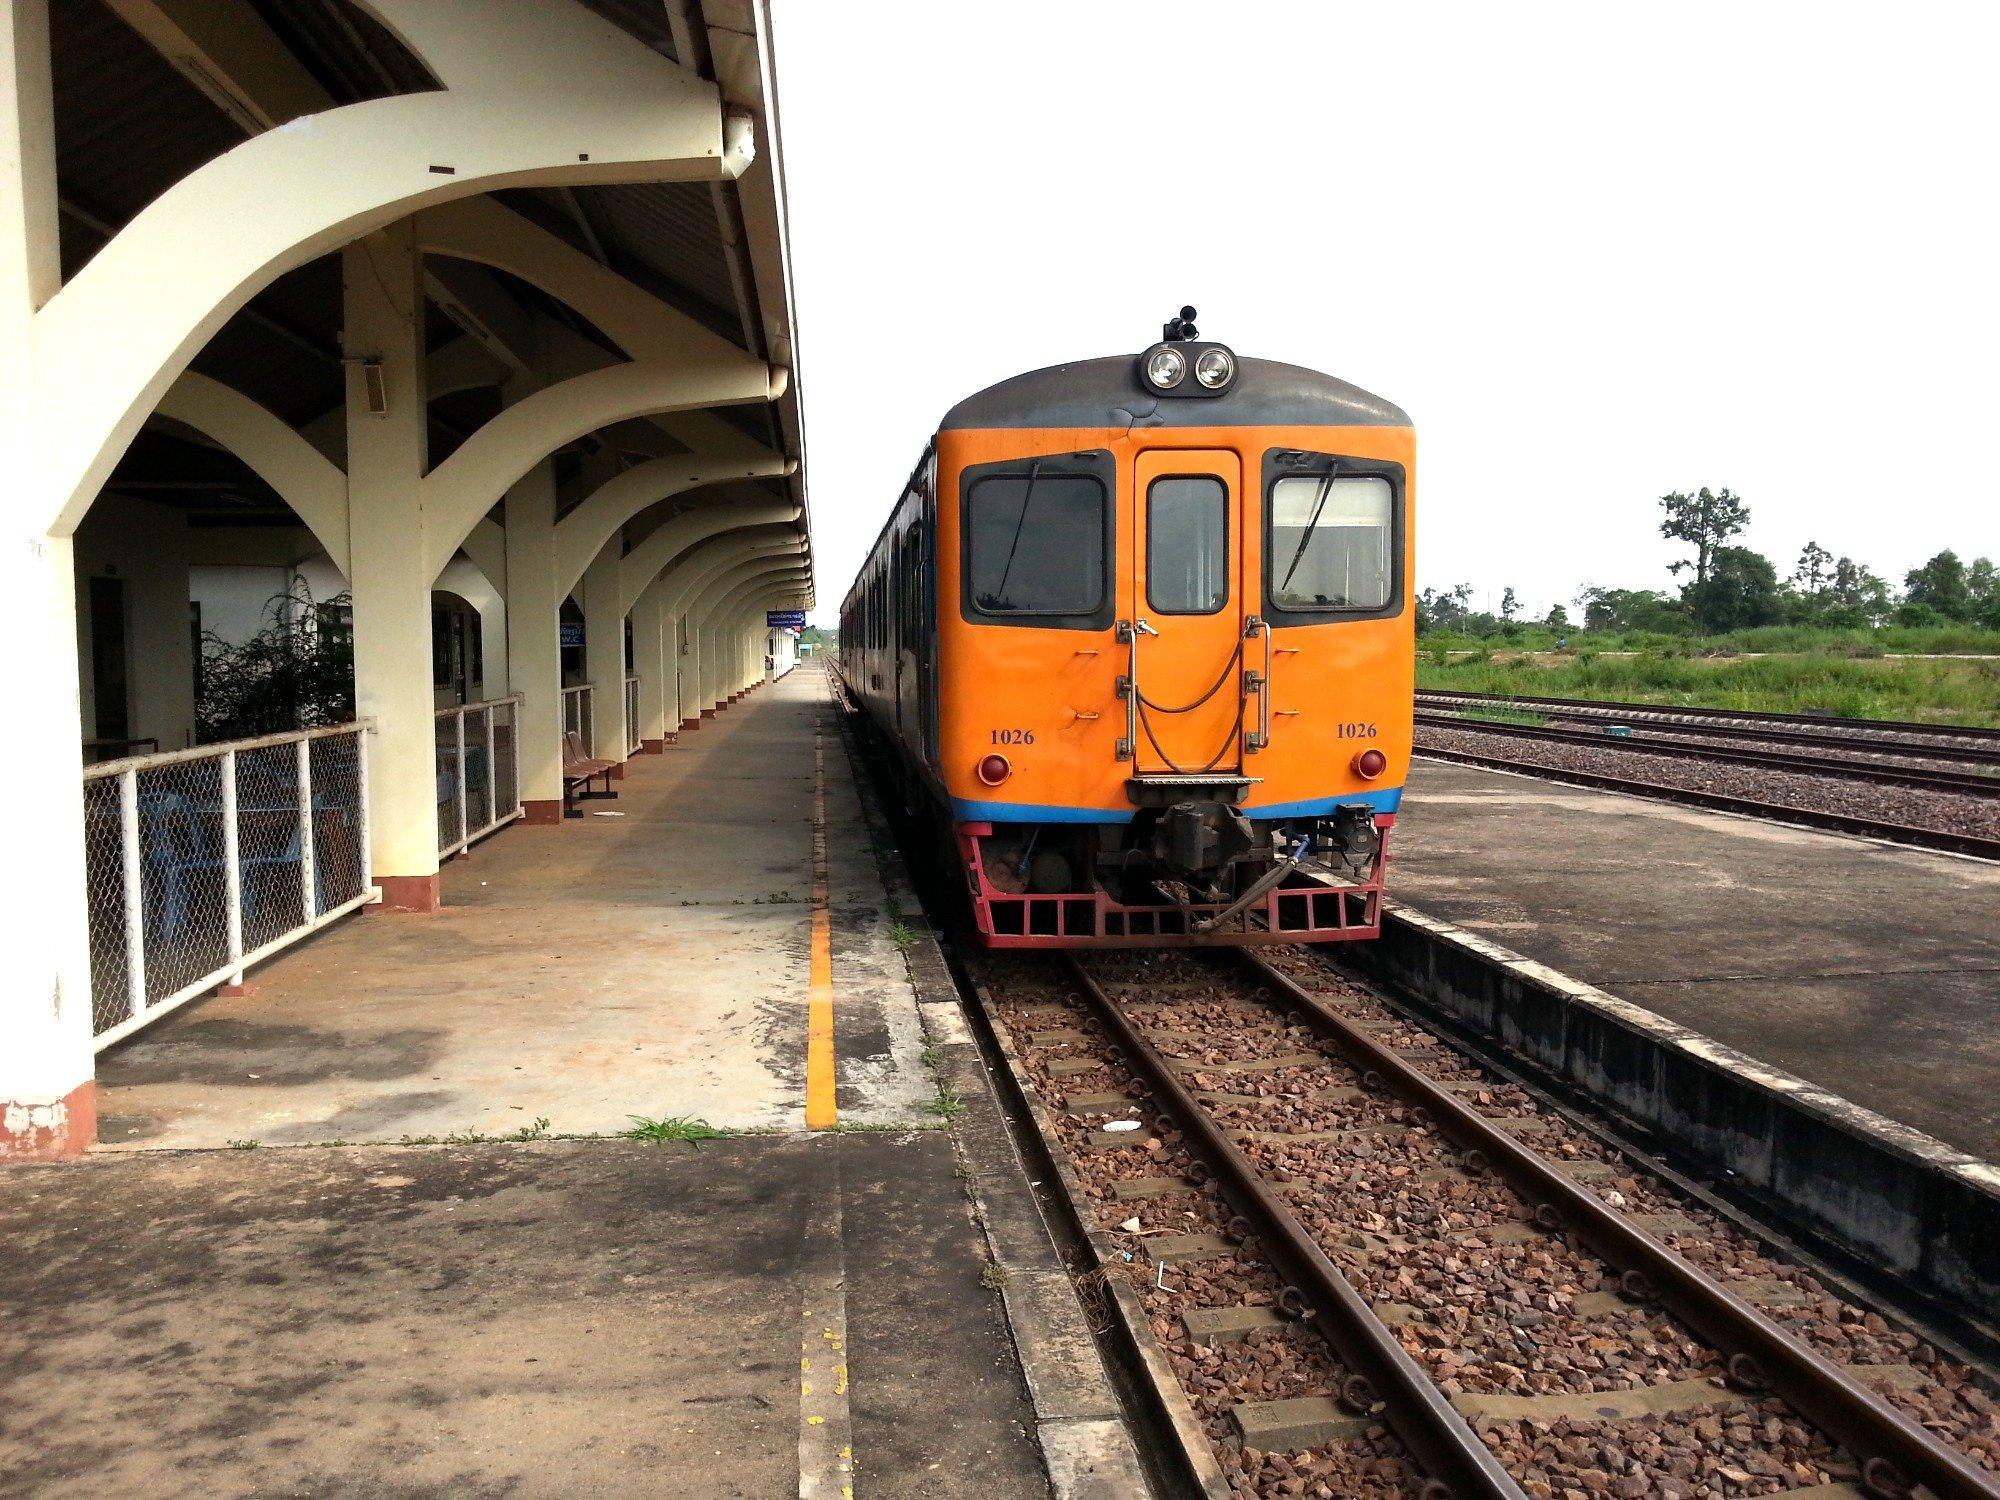 Train to Nong Khai at Thanaleng Railway Station